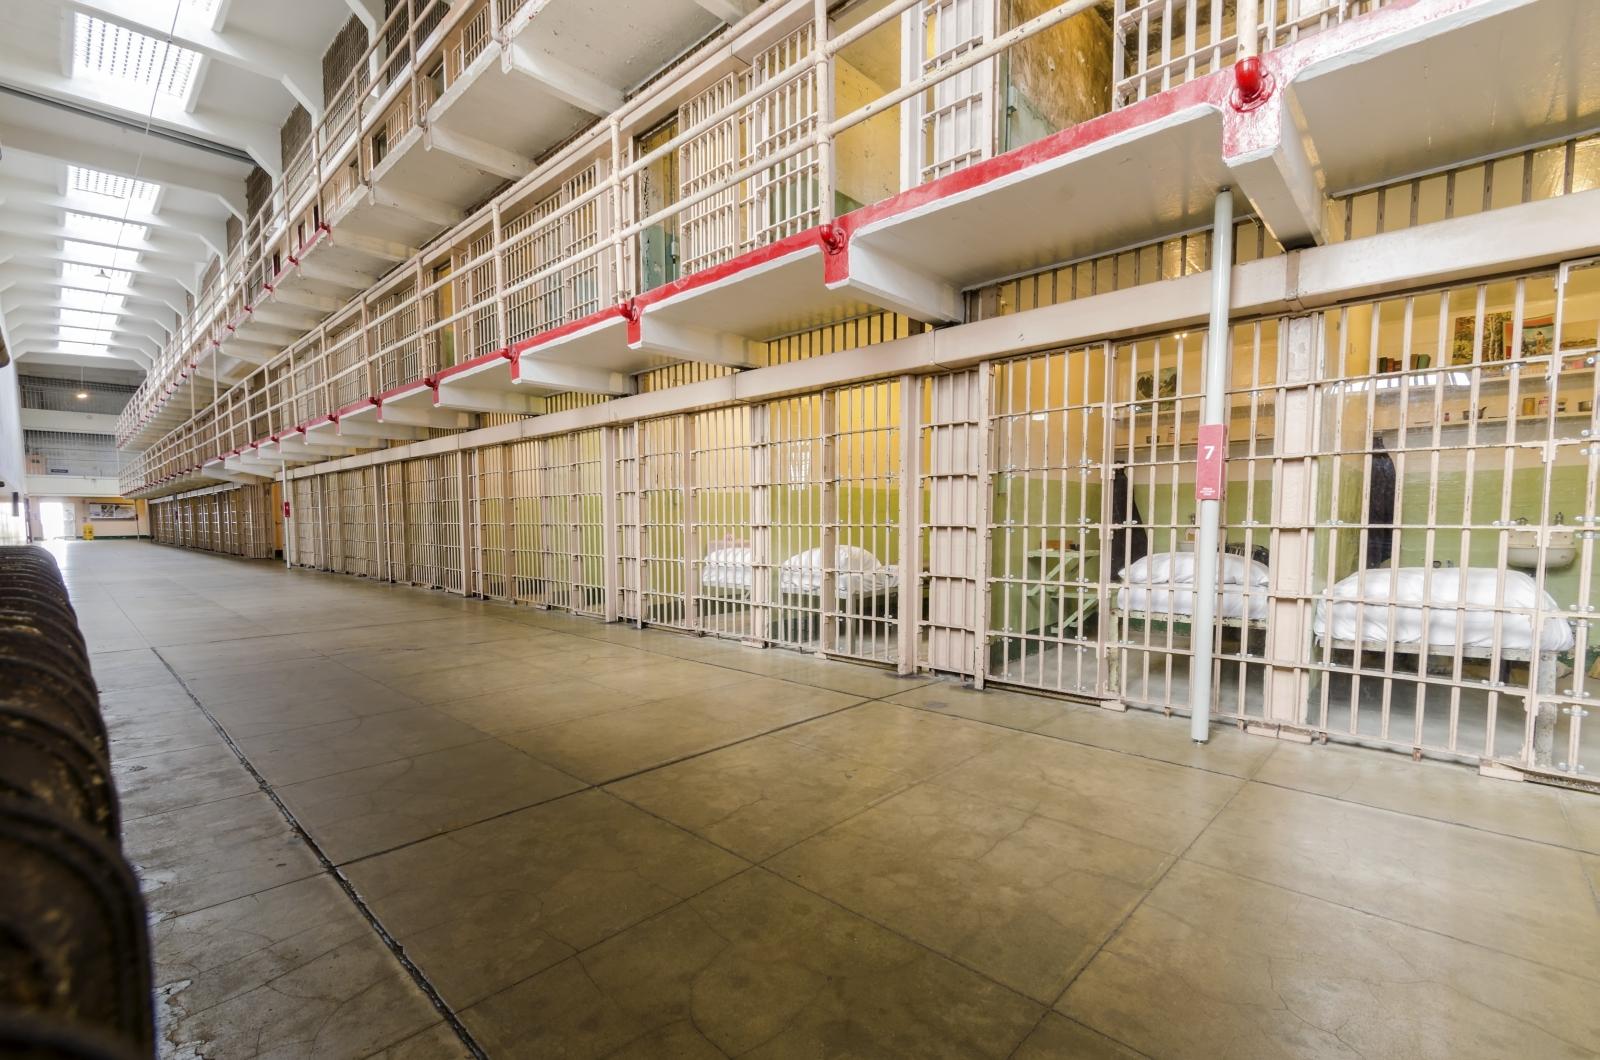 Alcatraz Das Ehemalige Gef 228 Ngnis Und Seine Insel